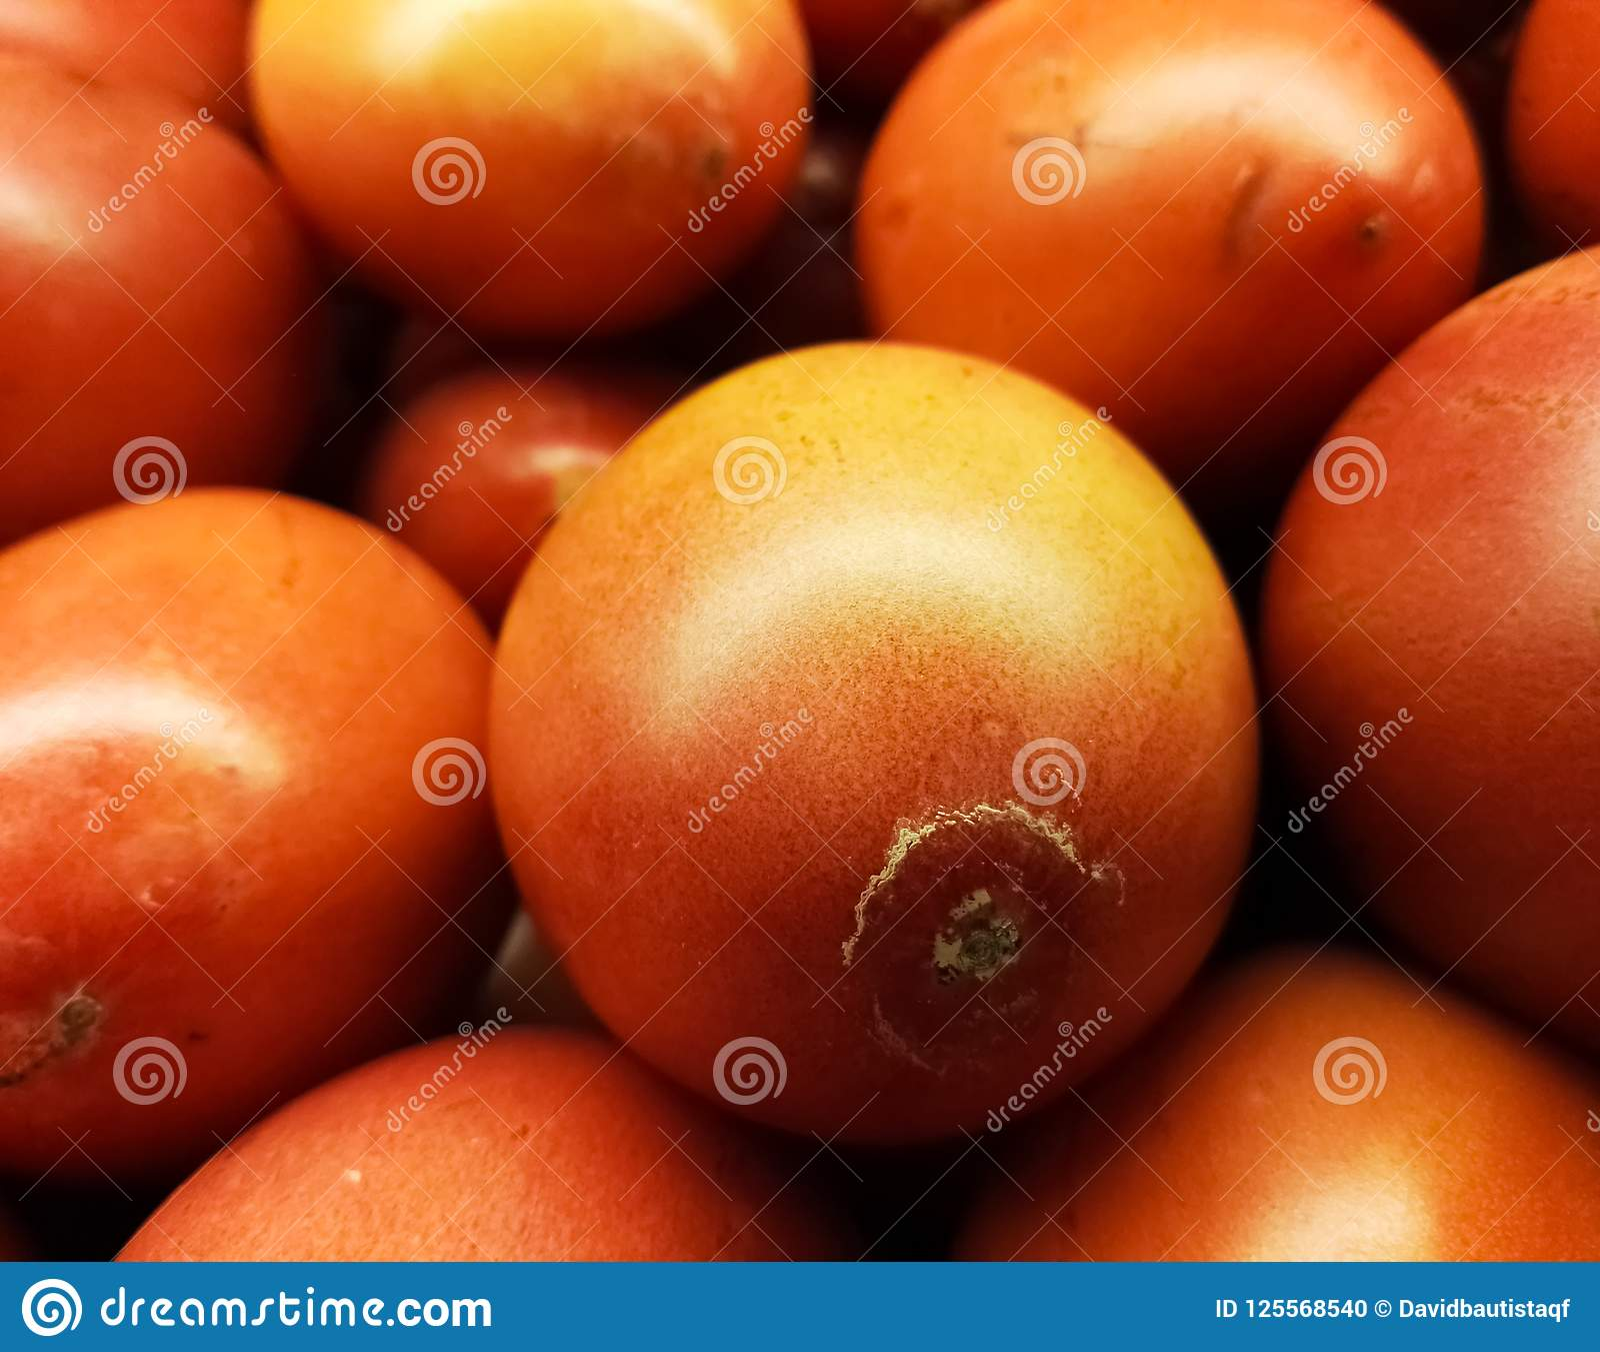 Tamarillo ou tomate de árvore, fruto exótico tropical comestível, popular em Ámérica do Sul